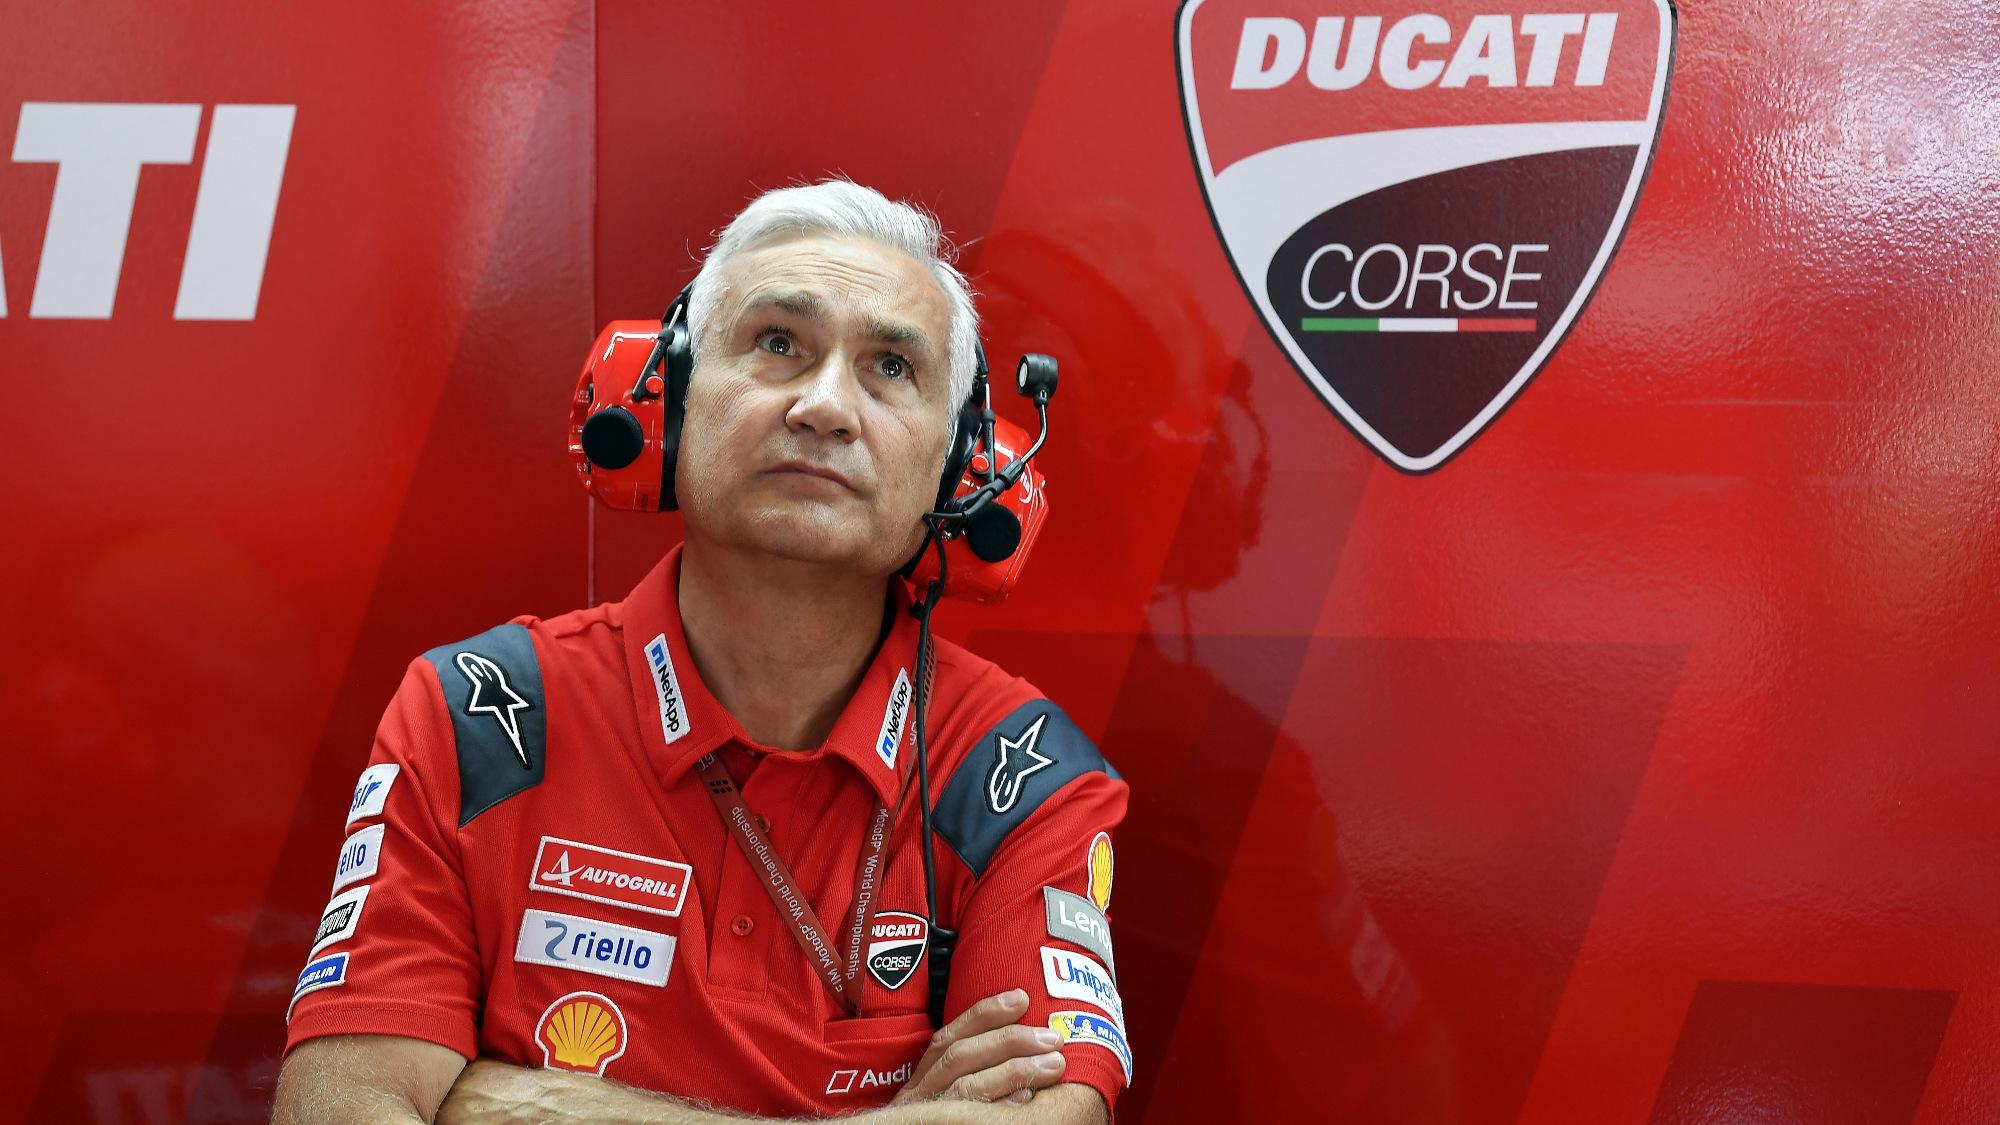 Davide Tardozzi, Ducati 2020